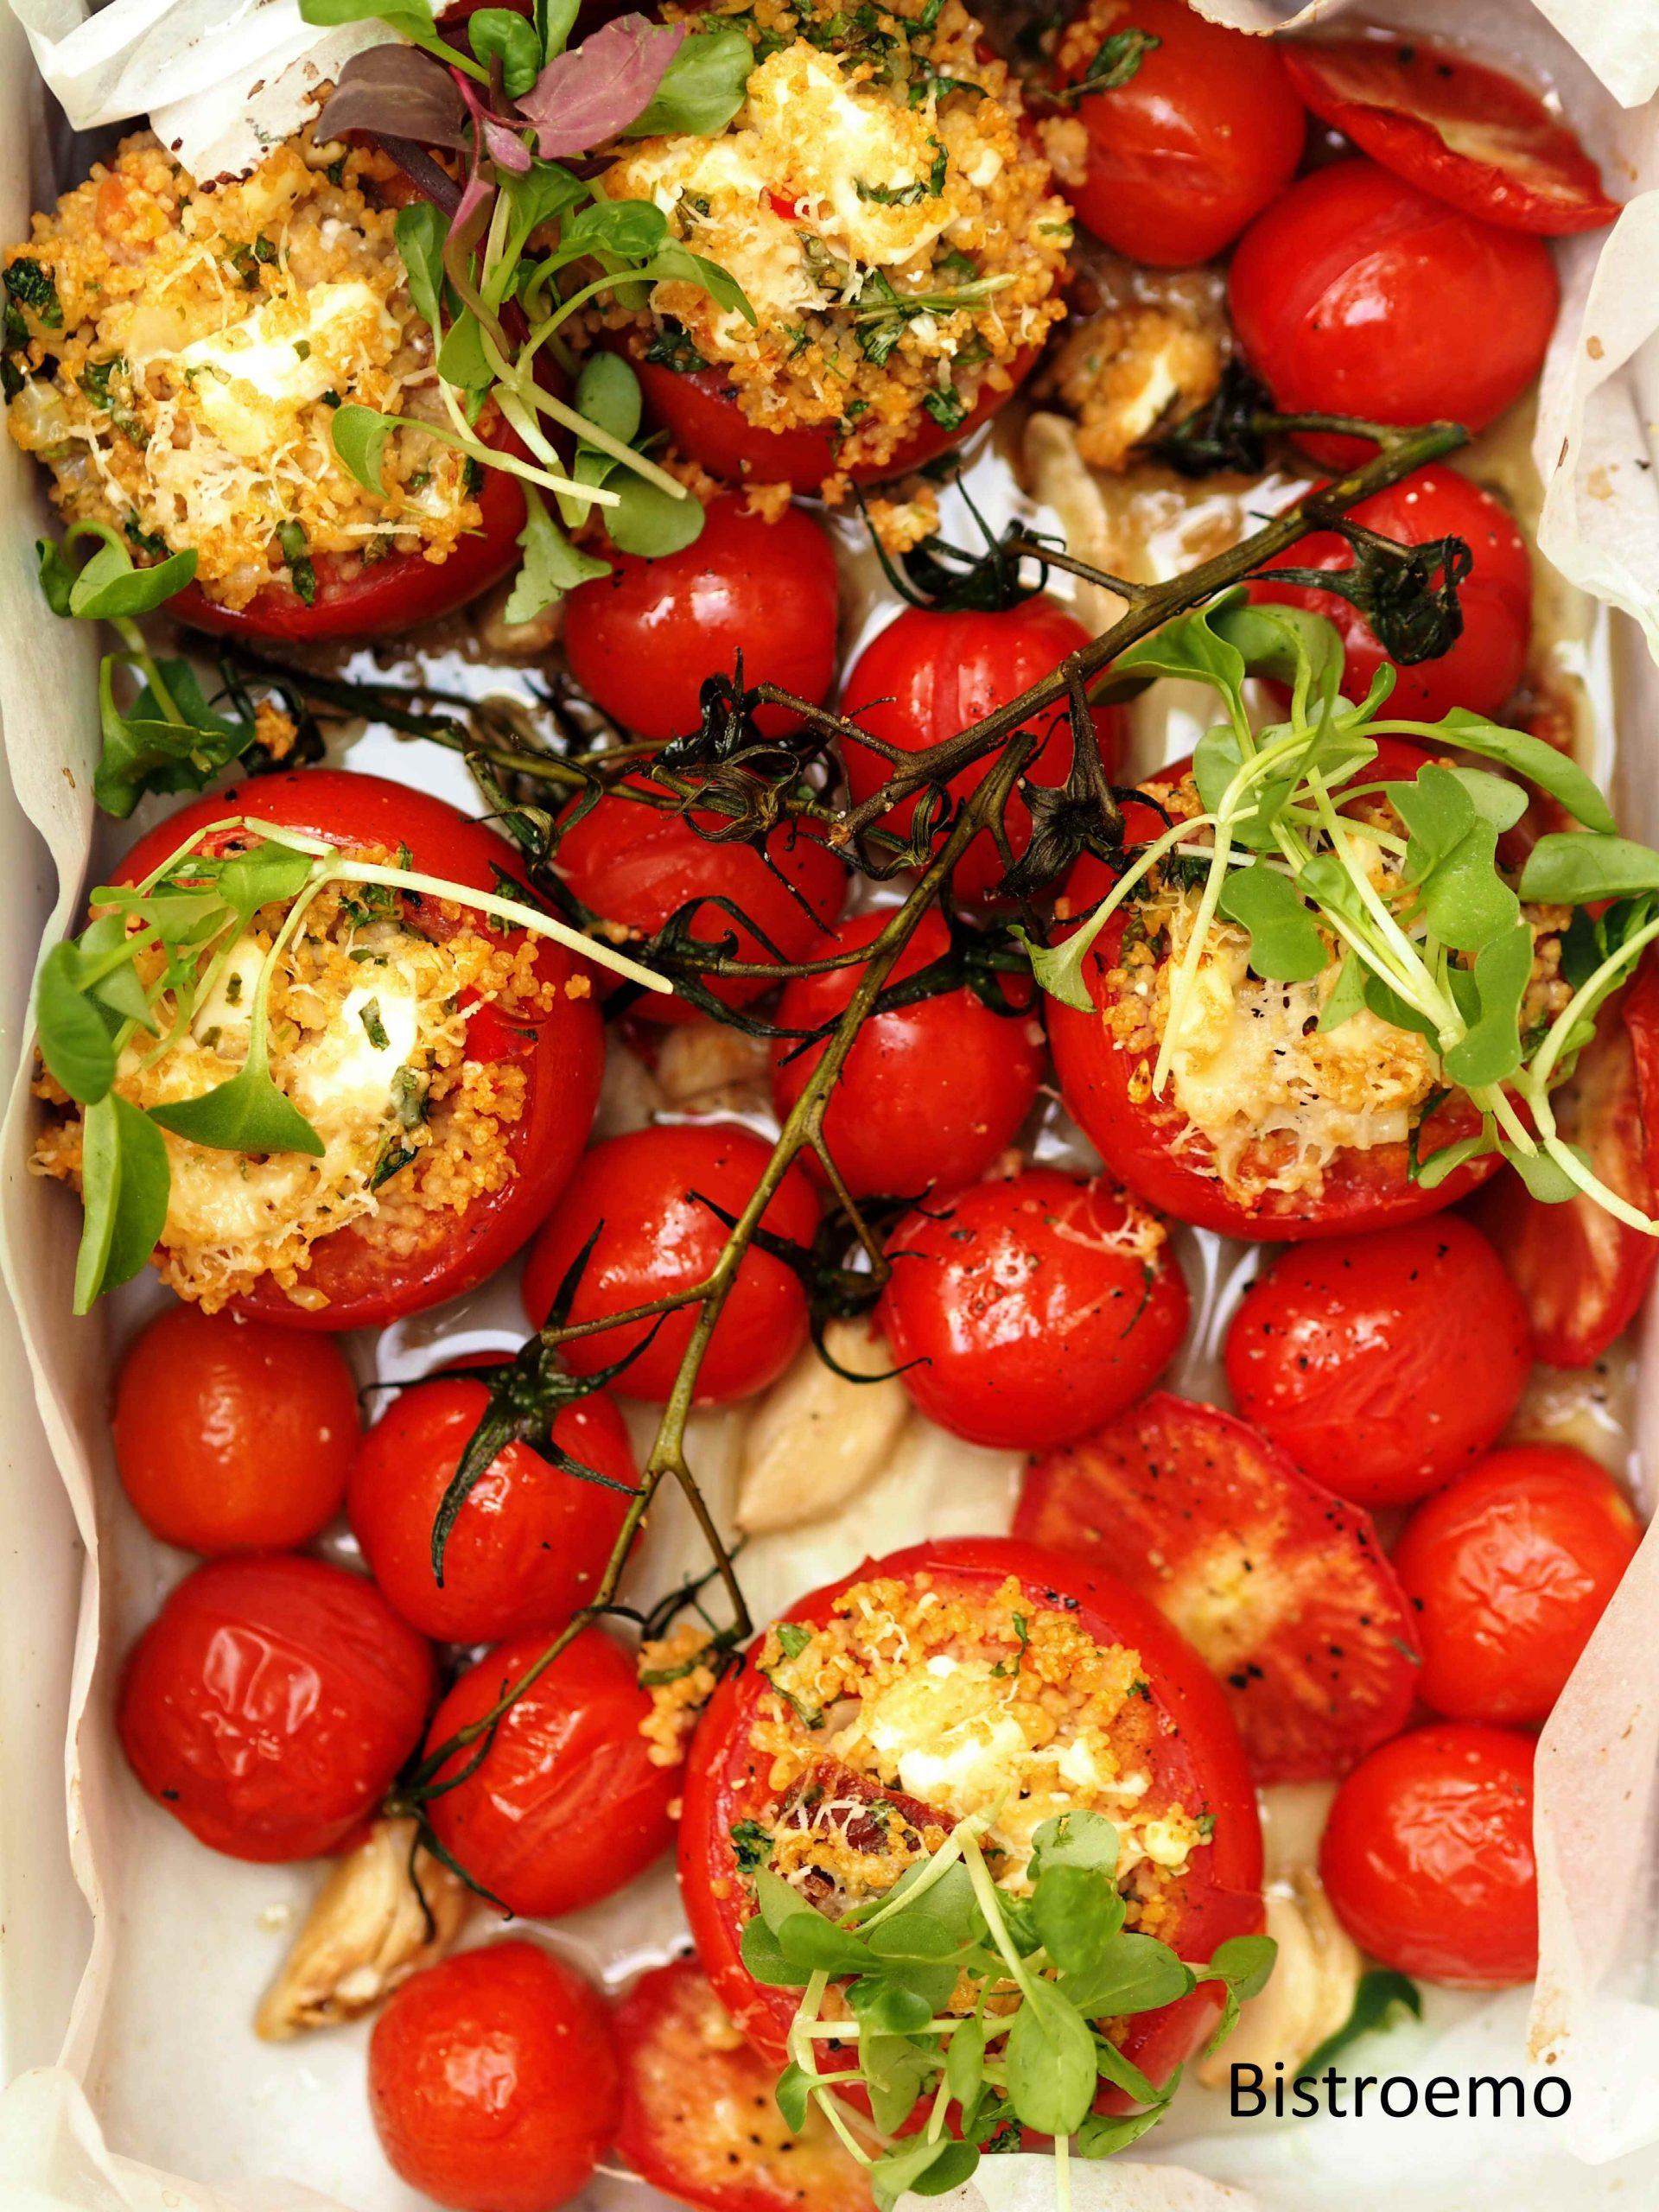 Tomaattien Säilöntä